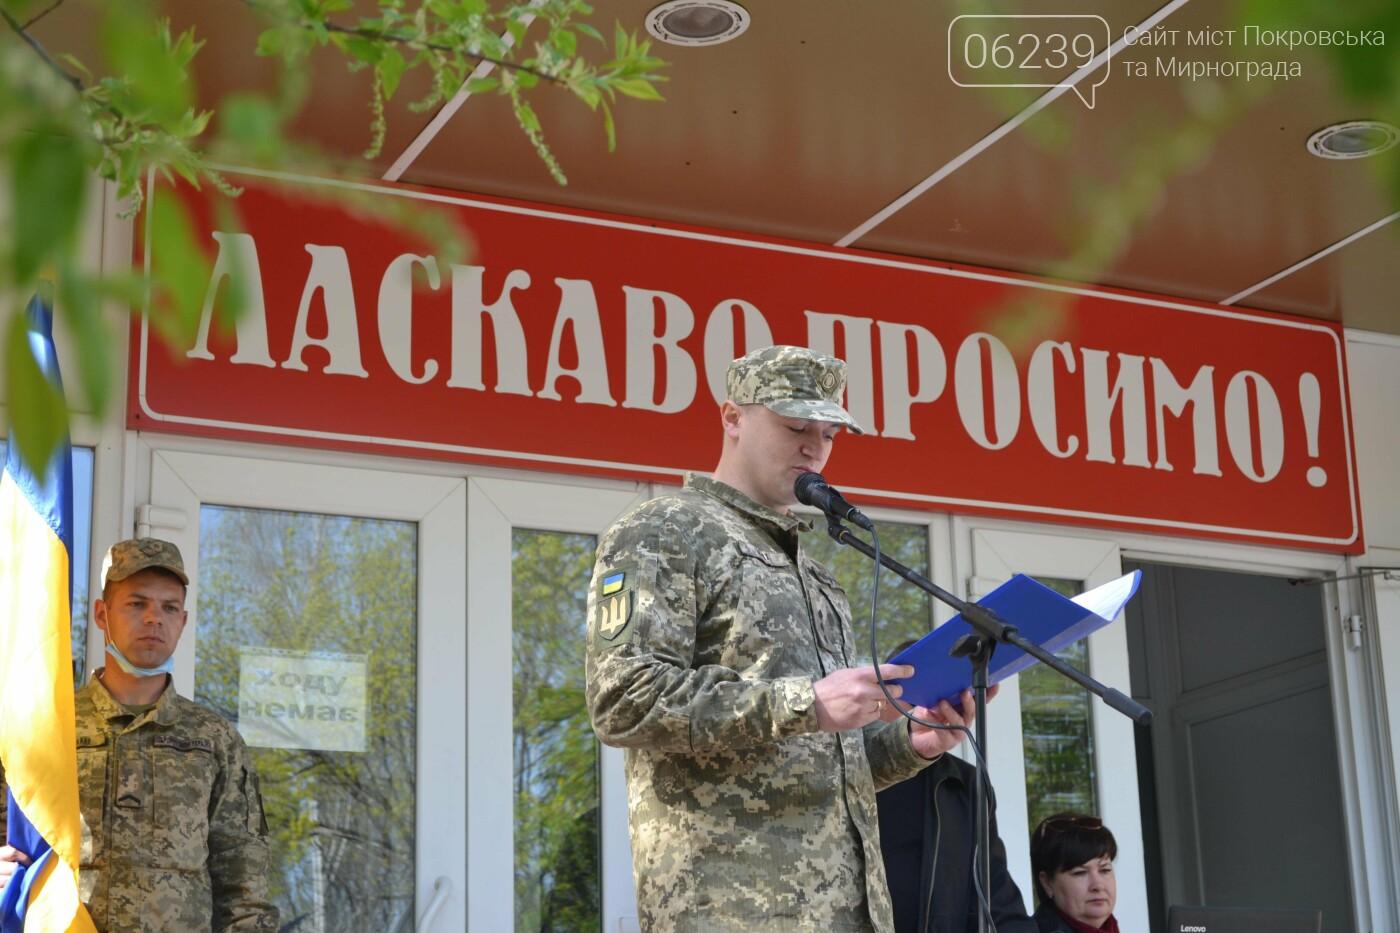 В Покровске увековечили память погибшего воина ВСУ Андрея Шульги, фото-14